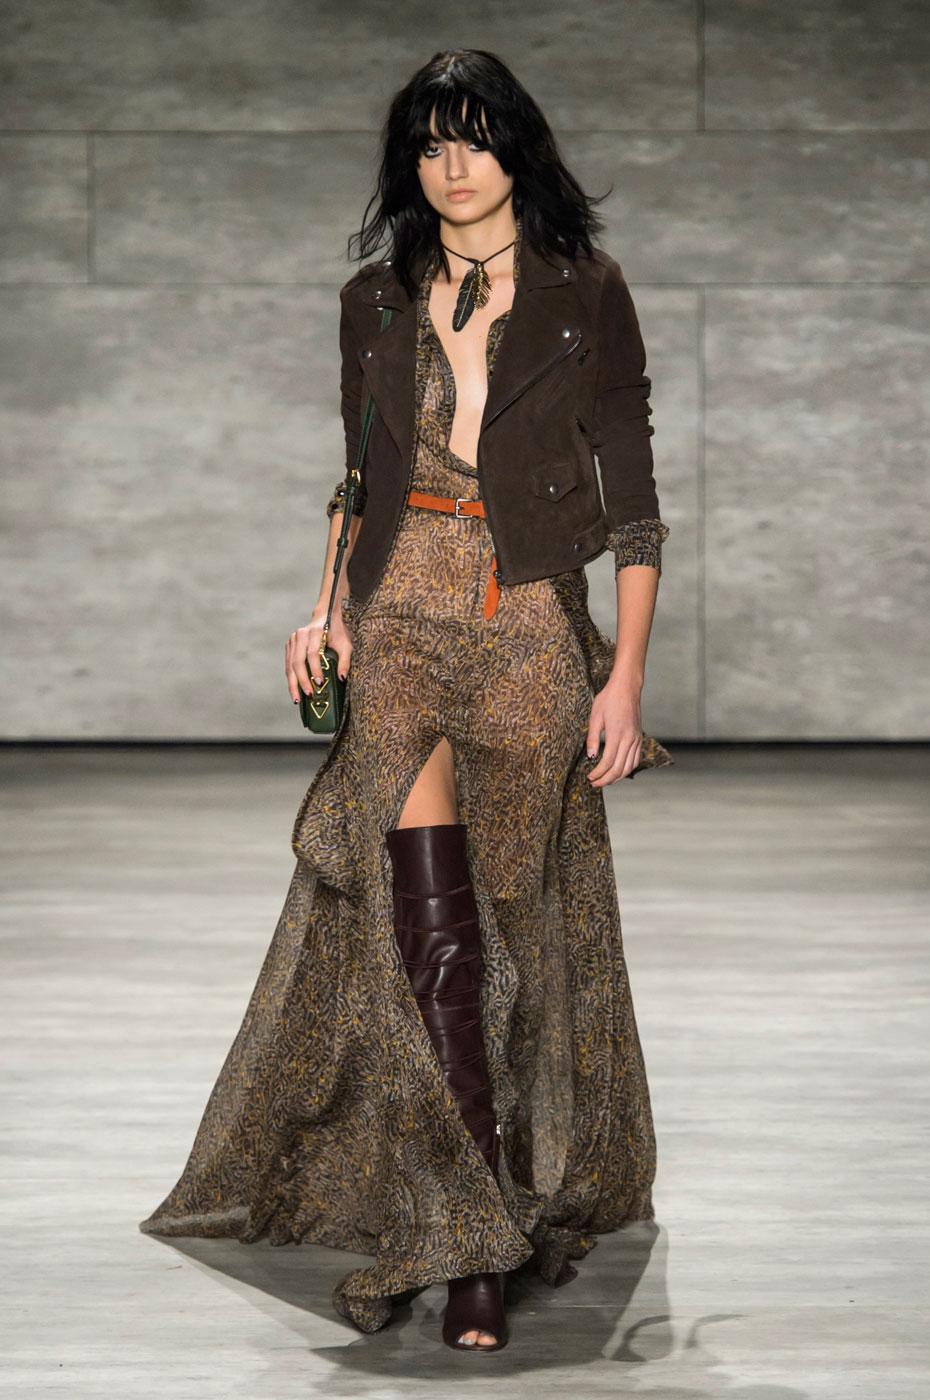 Фото модного стиля бохо в коллекции Rebecca Minkoff